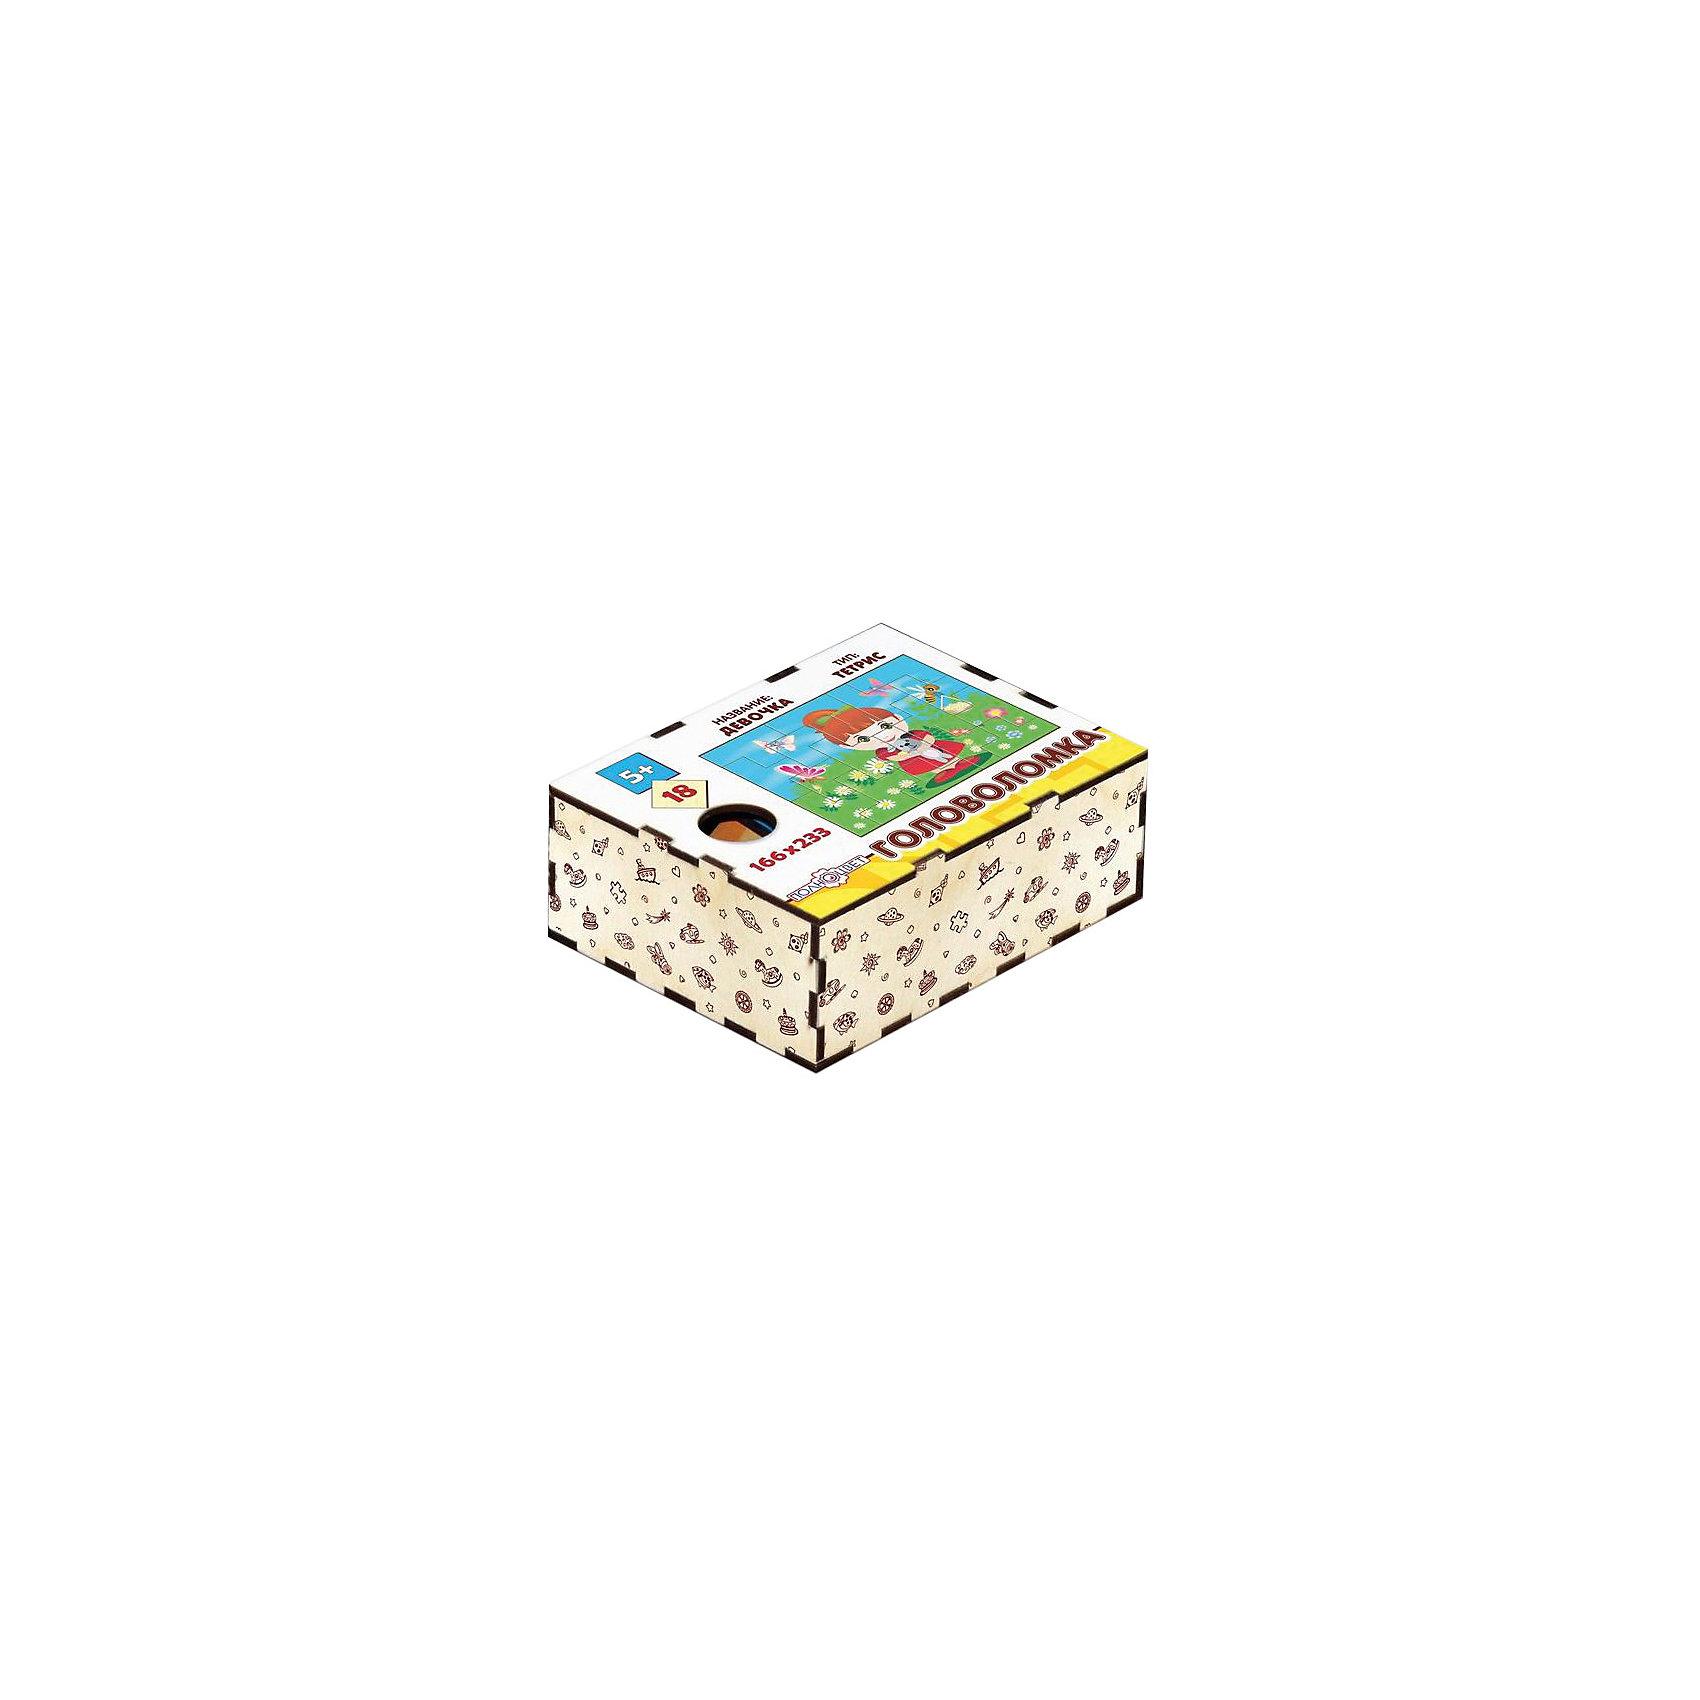 Головоломка Тетрис. Девочка, ПолноцветДеревянные головоломки<br>Характеристики:<br><br>• возраст: от 5 лет;<br>• количество деталей: 18;<br>• материал: фанера березовая шлифованная ФК, 3 мм;<br>• размер головоломки: 16,6х23,3х0,3 см;<br>• вес: 150 г;<br>• краска: УФ краска;<br>• тип упаковки: деревянная коробка открытого типа, термоусадка.<br><br>Интересный пазл из деталей необычной формы, как в игре «Тетрис», надолго увлечет малышей. Мальчикам и девочкам потребуется проявить максимум внимательности и усидчивости, чтобы собрать красочную картинку с милой девочкой.<br><br>Деревянная головоломка с высококачественной печатью имеет высокий срок службы. <br><br>Игрушка рекомендована для детских садов и центров, а также для домашнего использования.<br><br>Головоломку «Тетрис. Девочка», Полноцвет можно приобрести в нашем интернет-магазине.<br><br>Ширина мм: 30<br>Глубина мм: 230<br>Высота мм: 170<br>Вес г: 150<br>Возраст от месяцев: 36<br>Возраст до месяцев: 2147483647<br>Пол: Унисекс<br>Возраст: Детский<br>SKU: 7025970